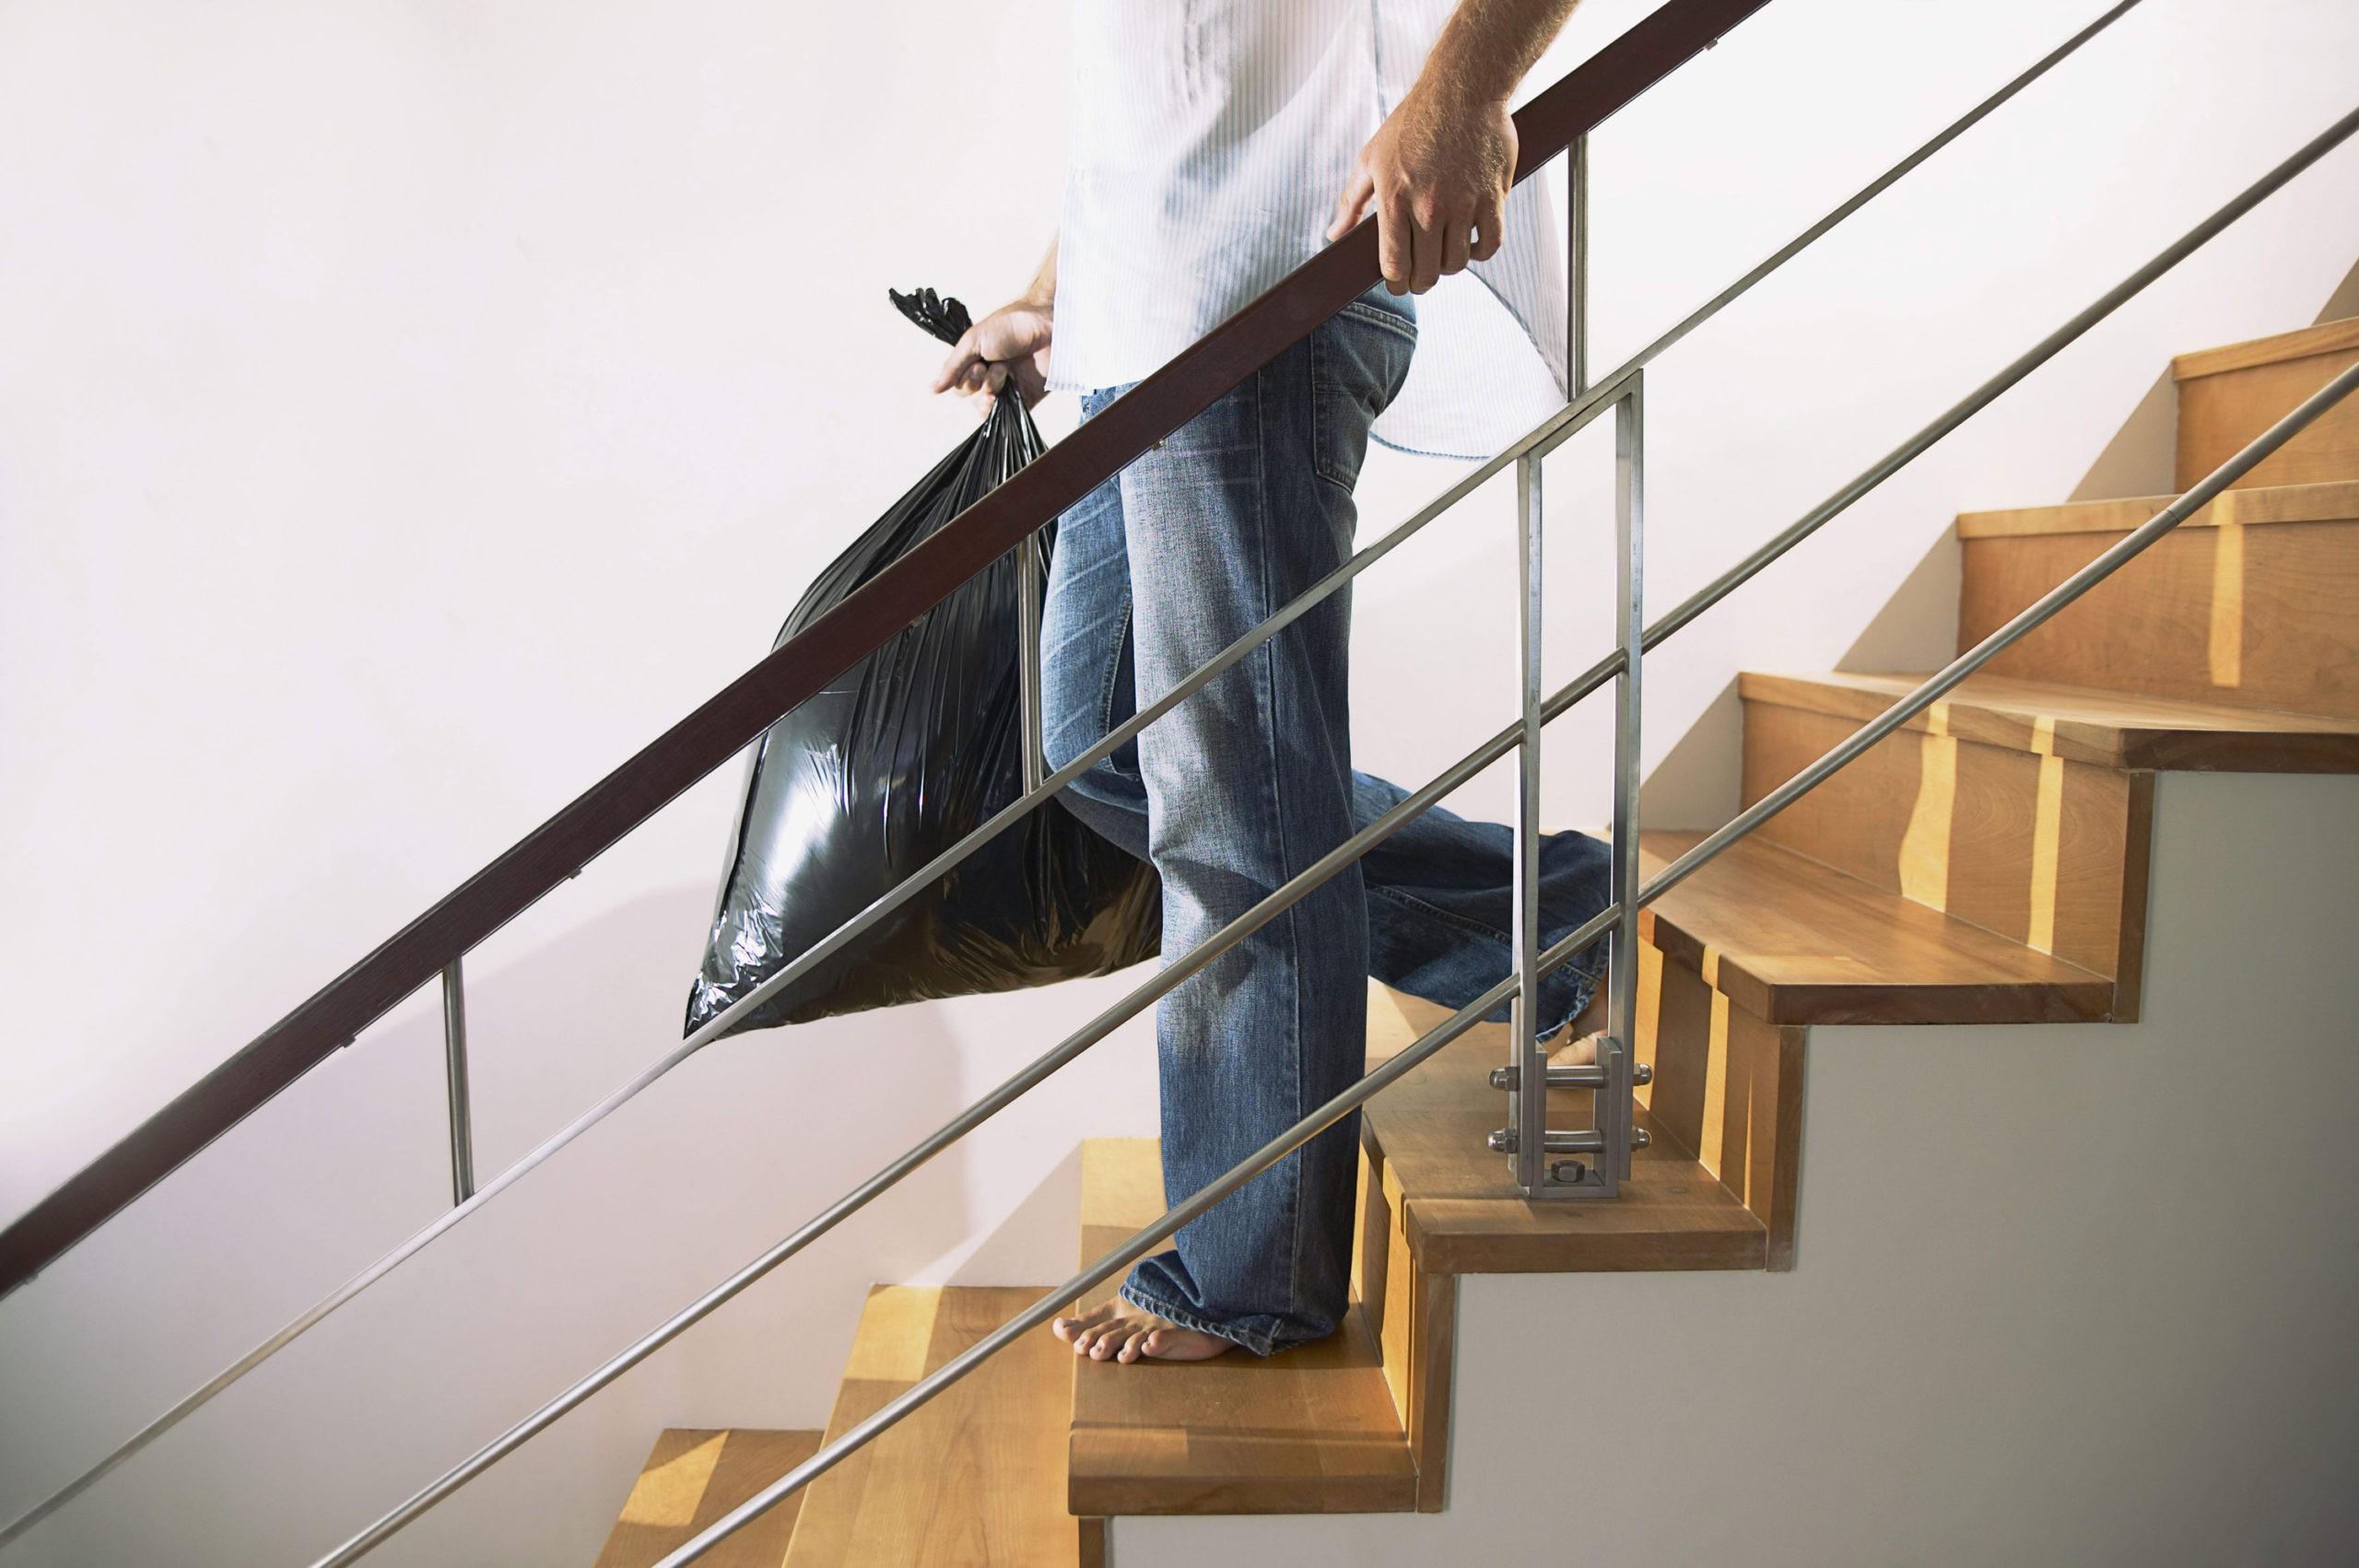 мужчина на лестнице